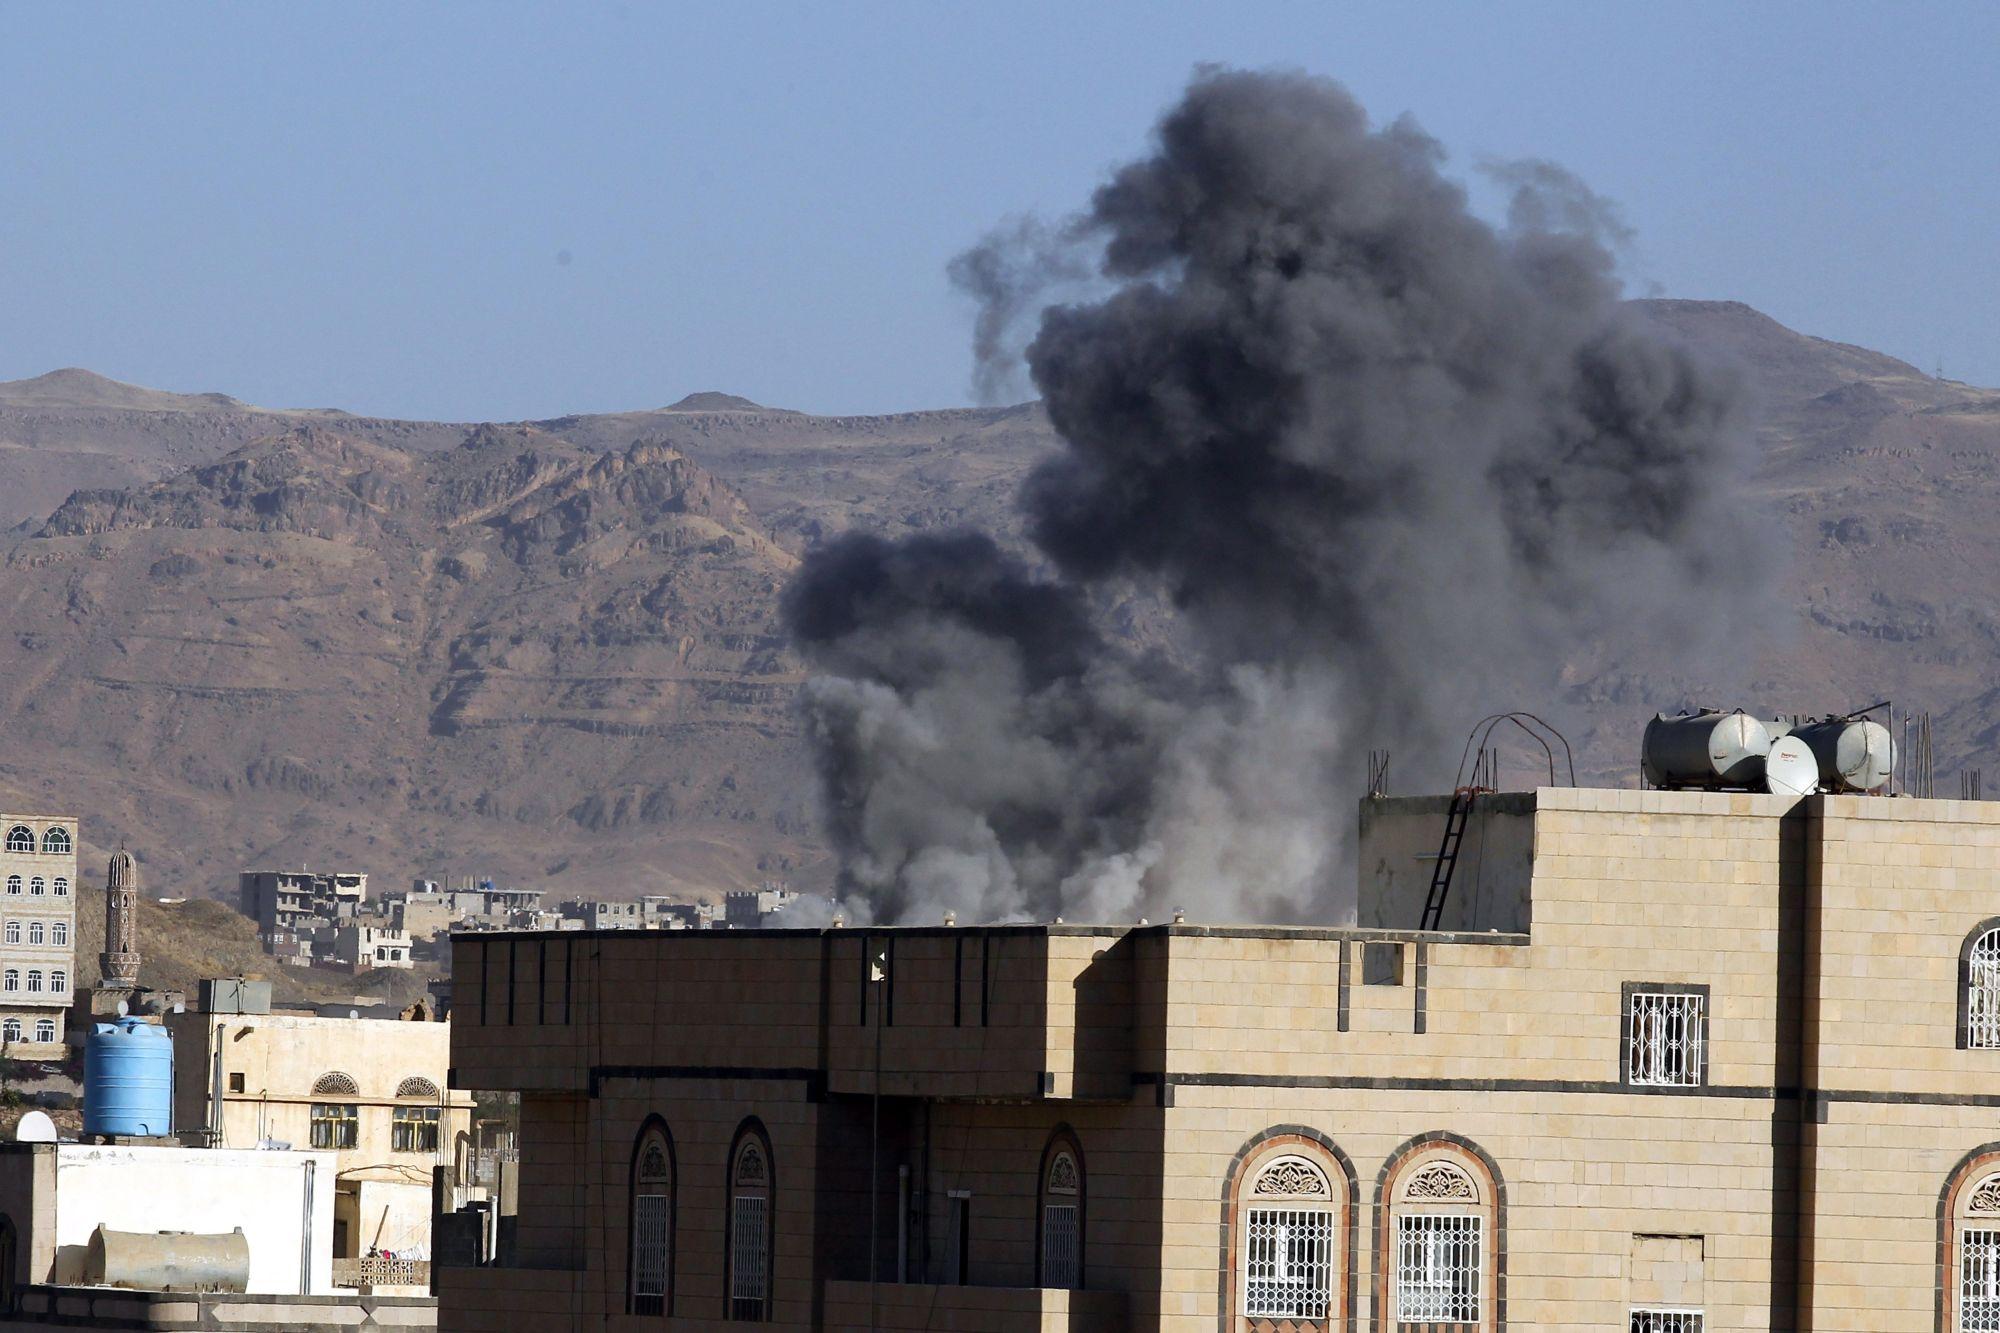 Szanaa, 2017. november 5. Füst gomolyog a jemeni húszi fegyveresek egyik állása felett egy állítólagos szaúdi légicsapás idején a jemeni fővárosban, Szanaában 2017. november 5-én. Az előző napon Szaúd-Arábia egy Jemenbõl kilőtt ballisztikus rakétát semmisített meg Rijádtól északkeletre. (MTI/EPA/Jahja Arhab)